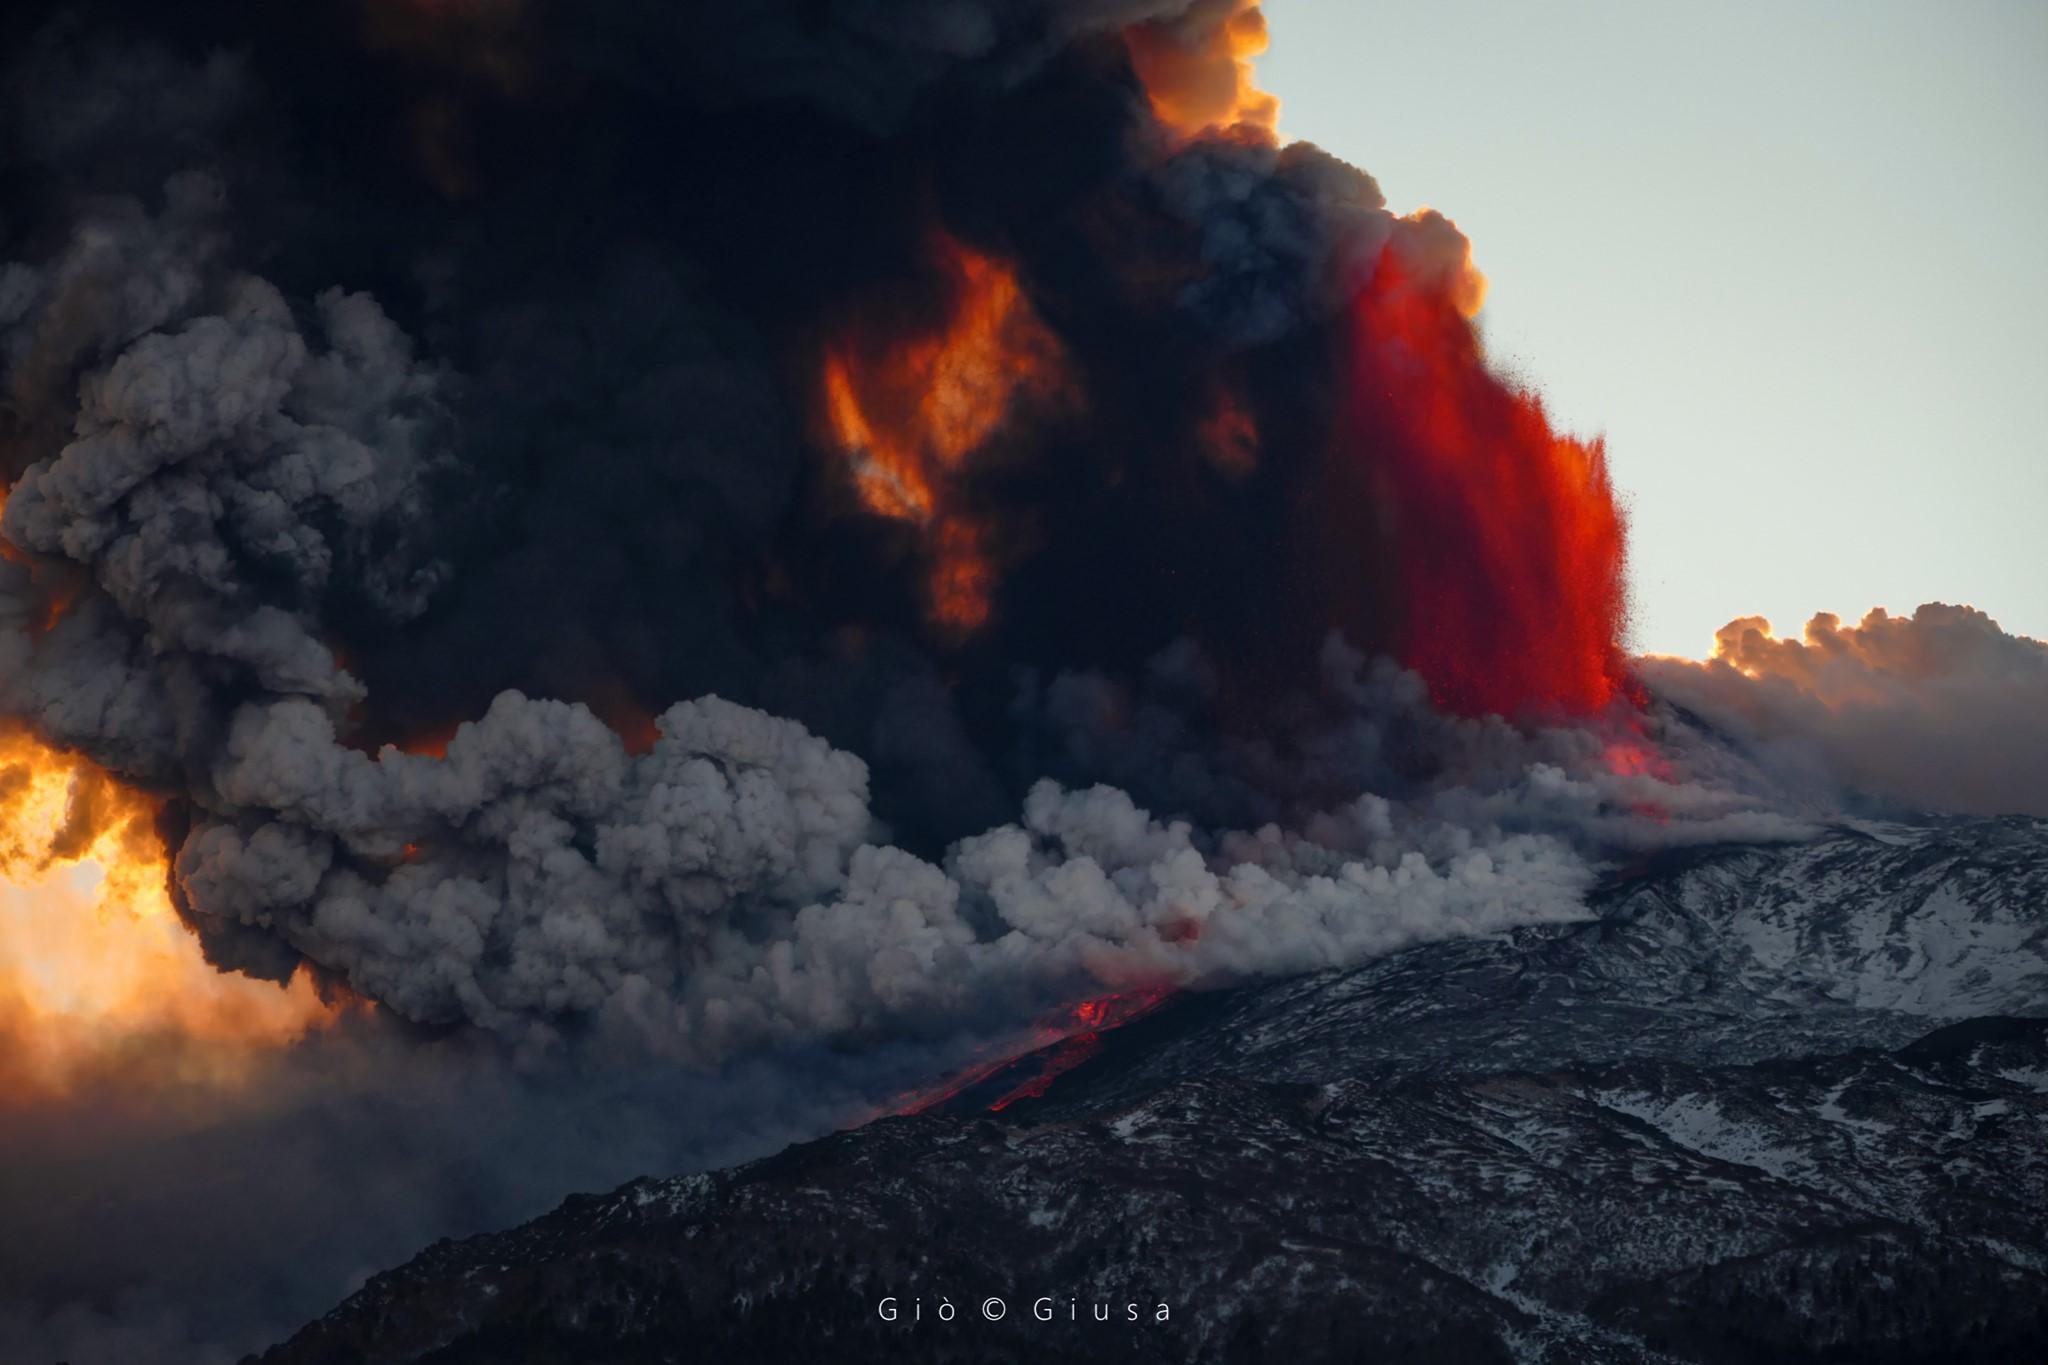 18 Février 2021. FR . Italie / Sicile : Etna , Colombie : Nevado del Ruiz , Philippines : Kanlaon , Saint Vincent : Soufrière Saint Vincent .